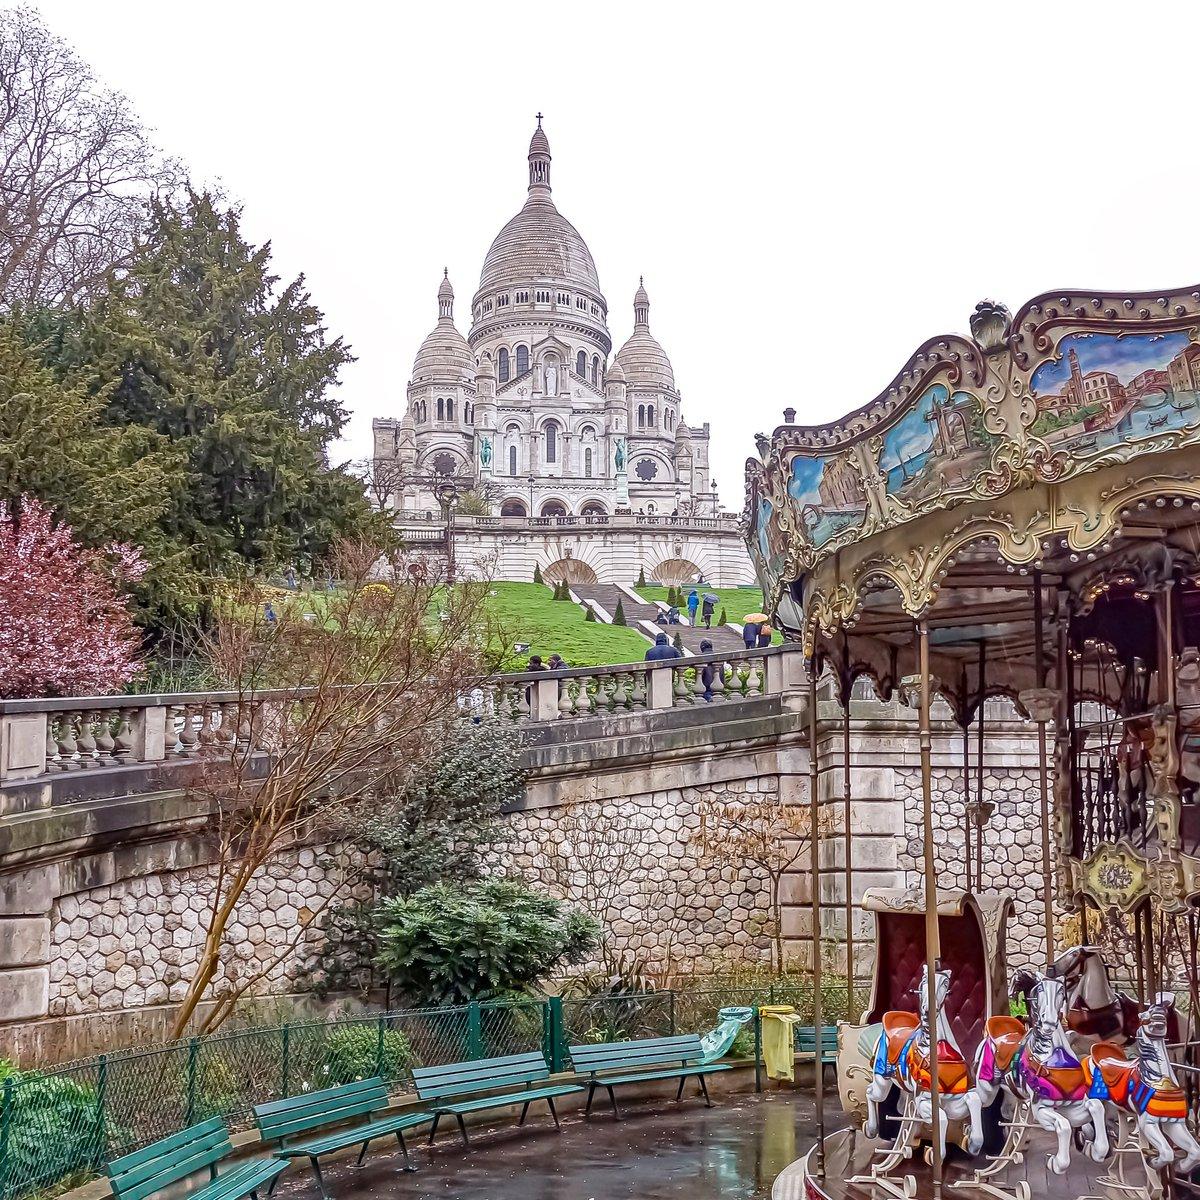 À Montmartre, le Sacré-Coeur veille. Point de vue iconique depuis la place Saint-Pierre - Paris 18  #parisladouce #paris #pariscartepostale #parisjetaime #cityguide #pariscityguide #paris18 #streetsofparis #thisisparis #parismaville #montmartre #sacrecoeur